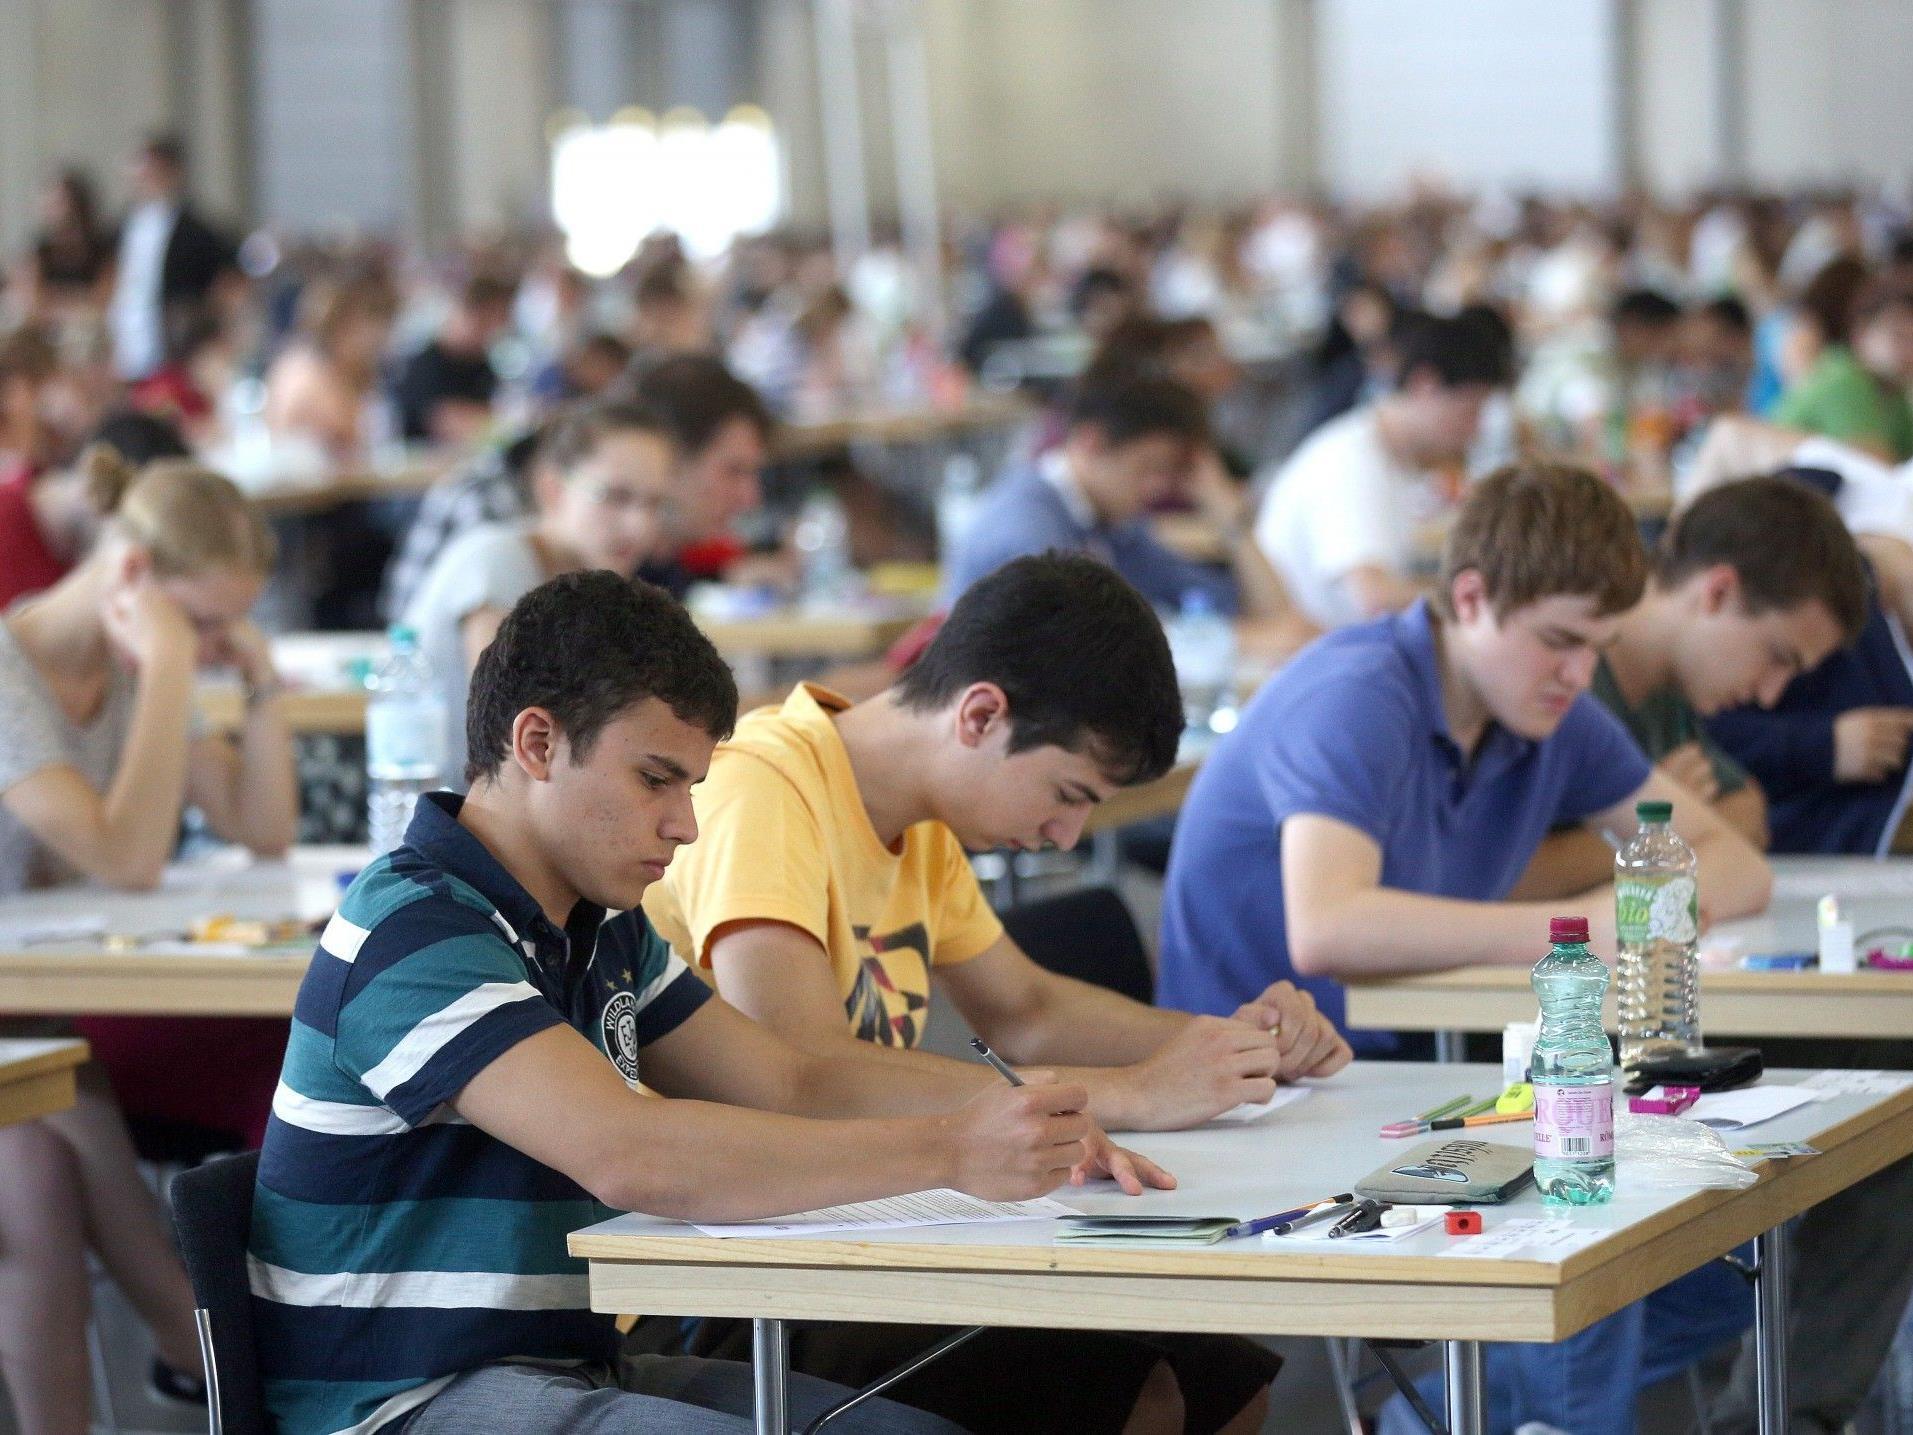 Wien: Insgesamt erschienen heuer 4352 Studienbewerber zum Aufnahmetest für das Medizinstudium.